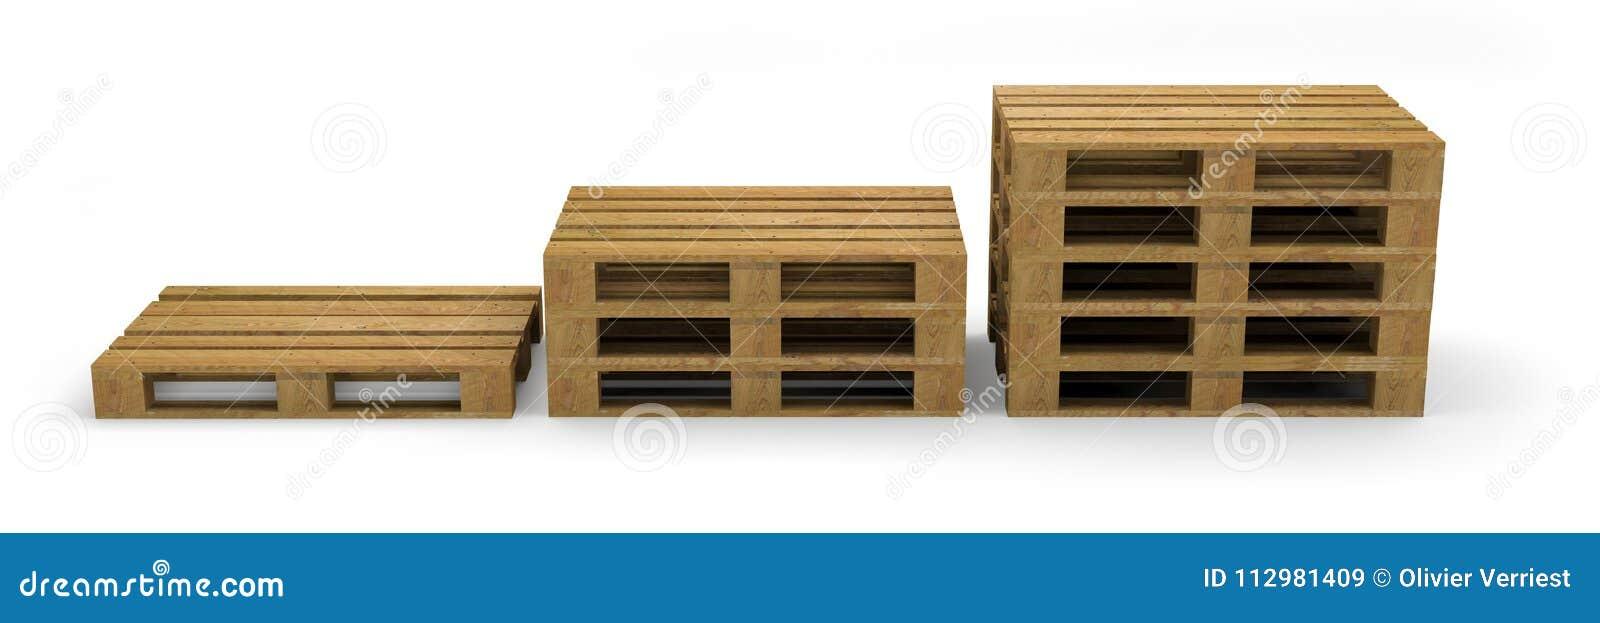 Pallet wood transport 3D illustration